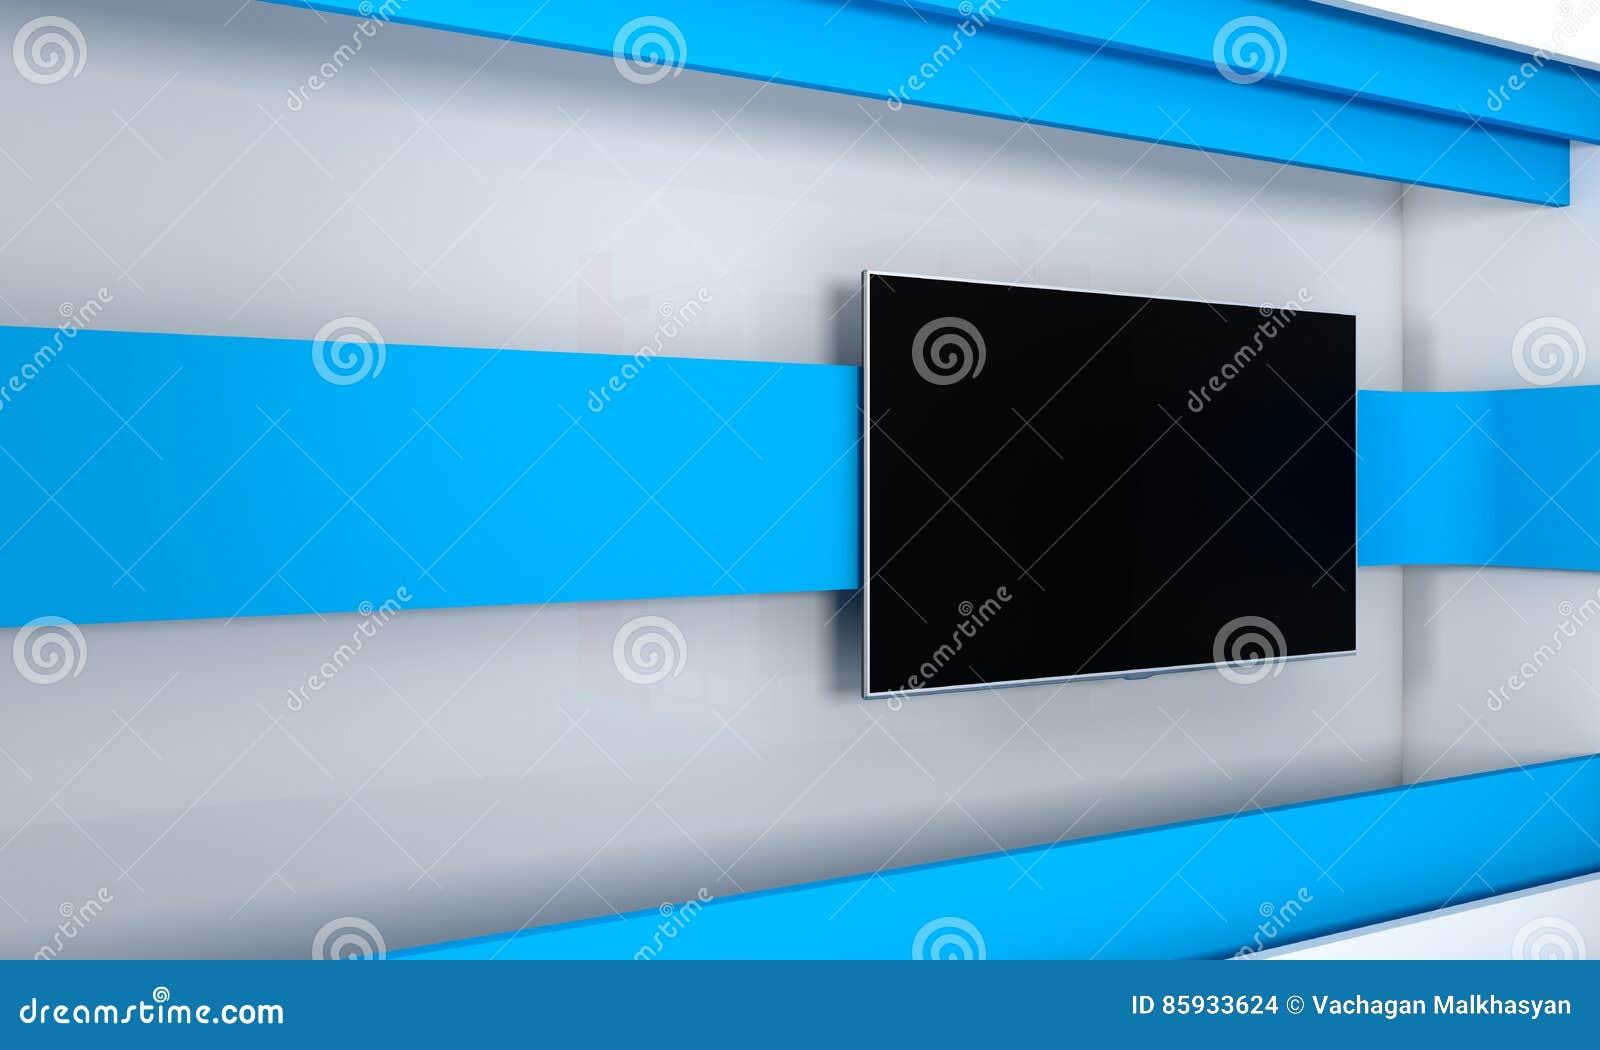 fernsehstudio hintergrund f r fernsehshows fernsehapparat auf wand nachrichten studio der. Black Bedroom Furniture Sets. Home Design Ideas